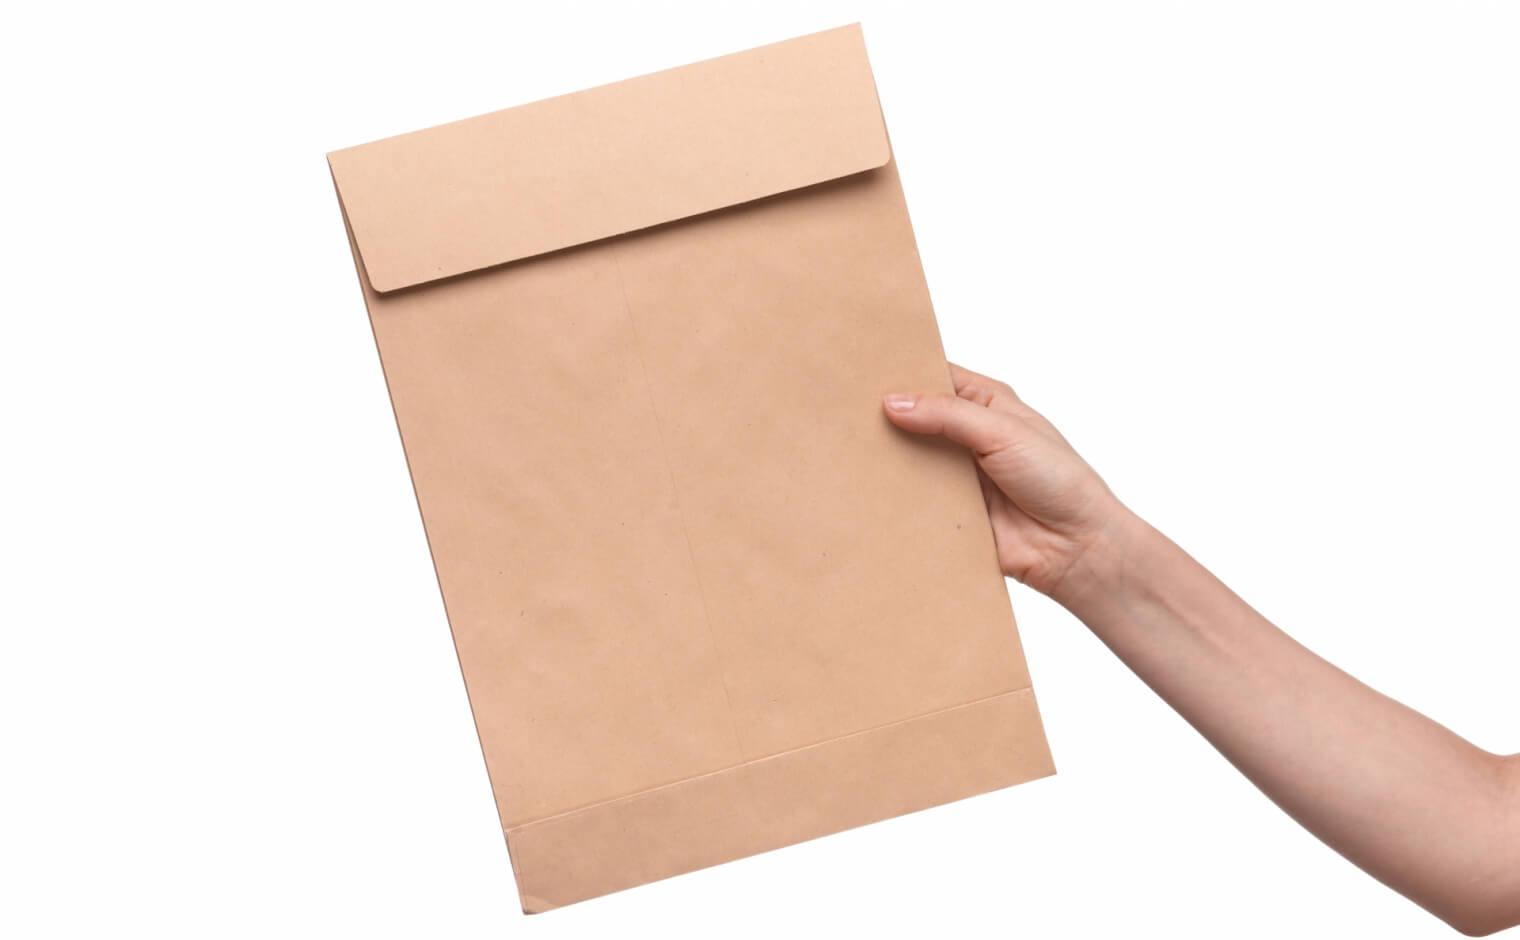 郵便物の宛先住所間違い